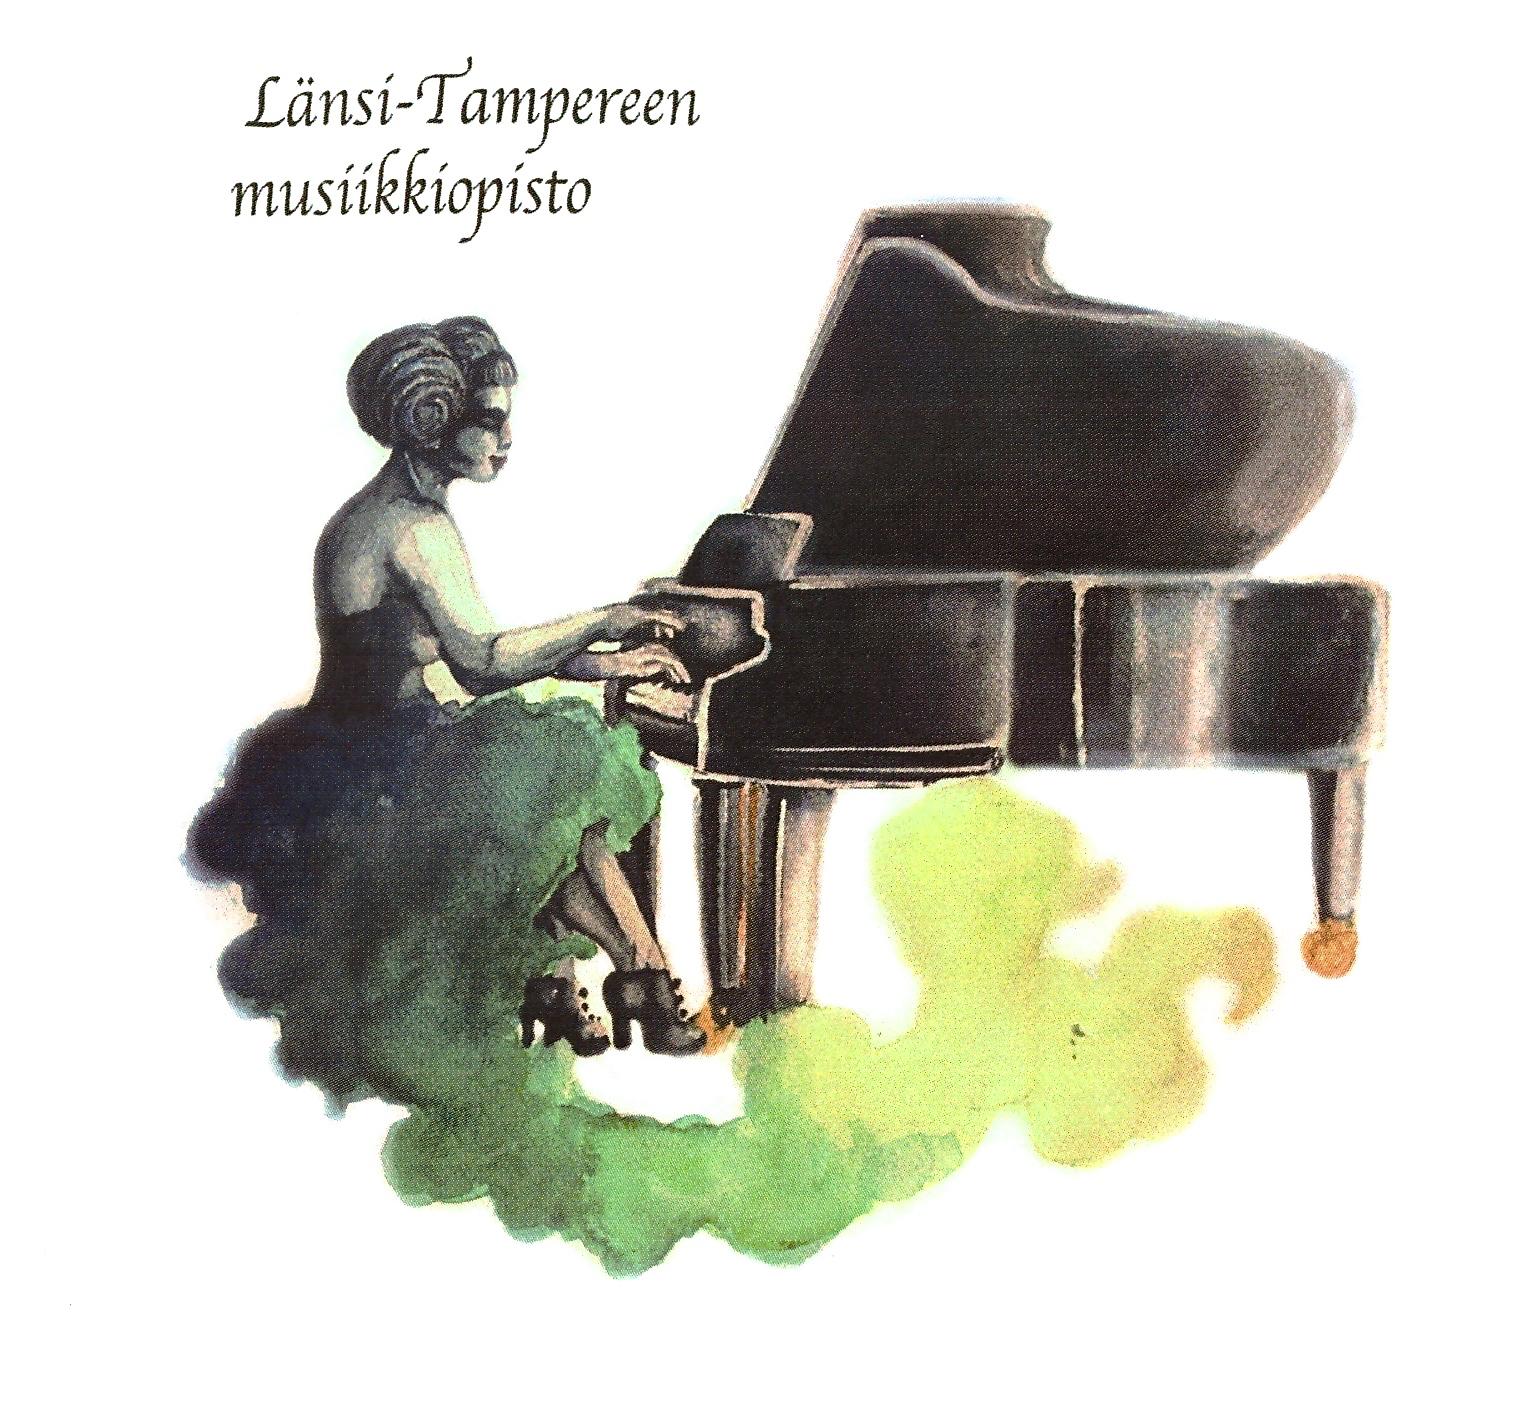 TAPAHTUMA PERUTTU: Länsi-Tampereen musiikkiopiston kevätkonsertti